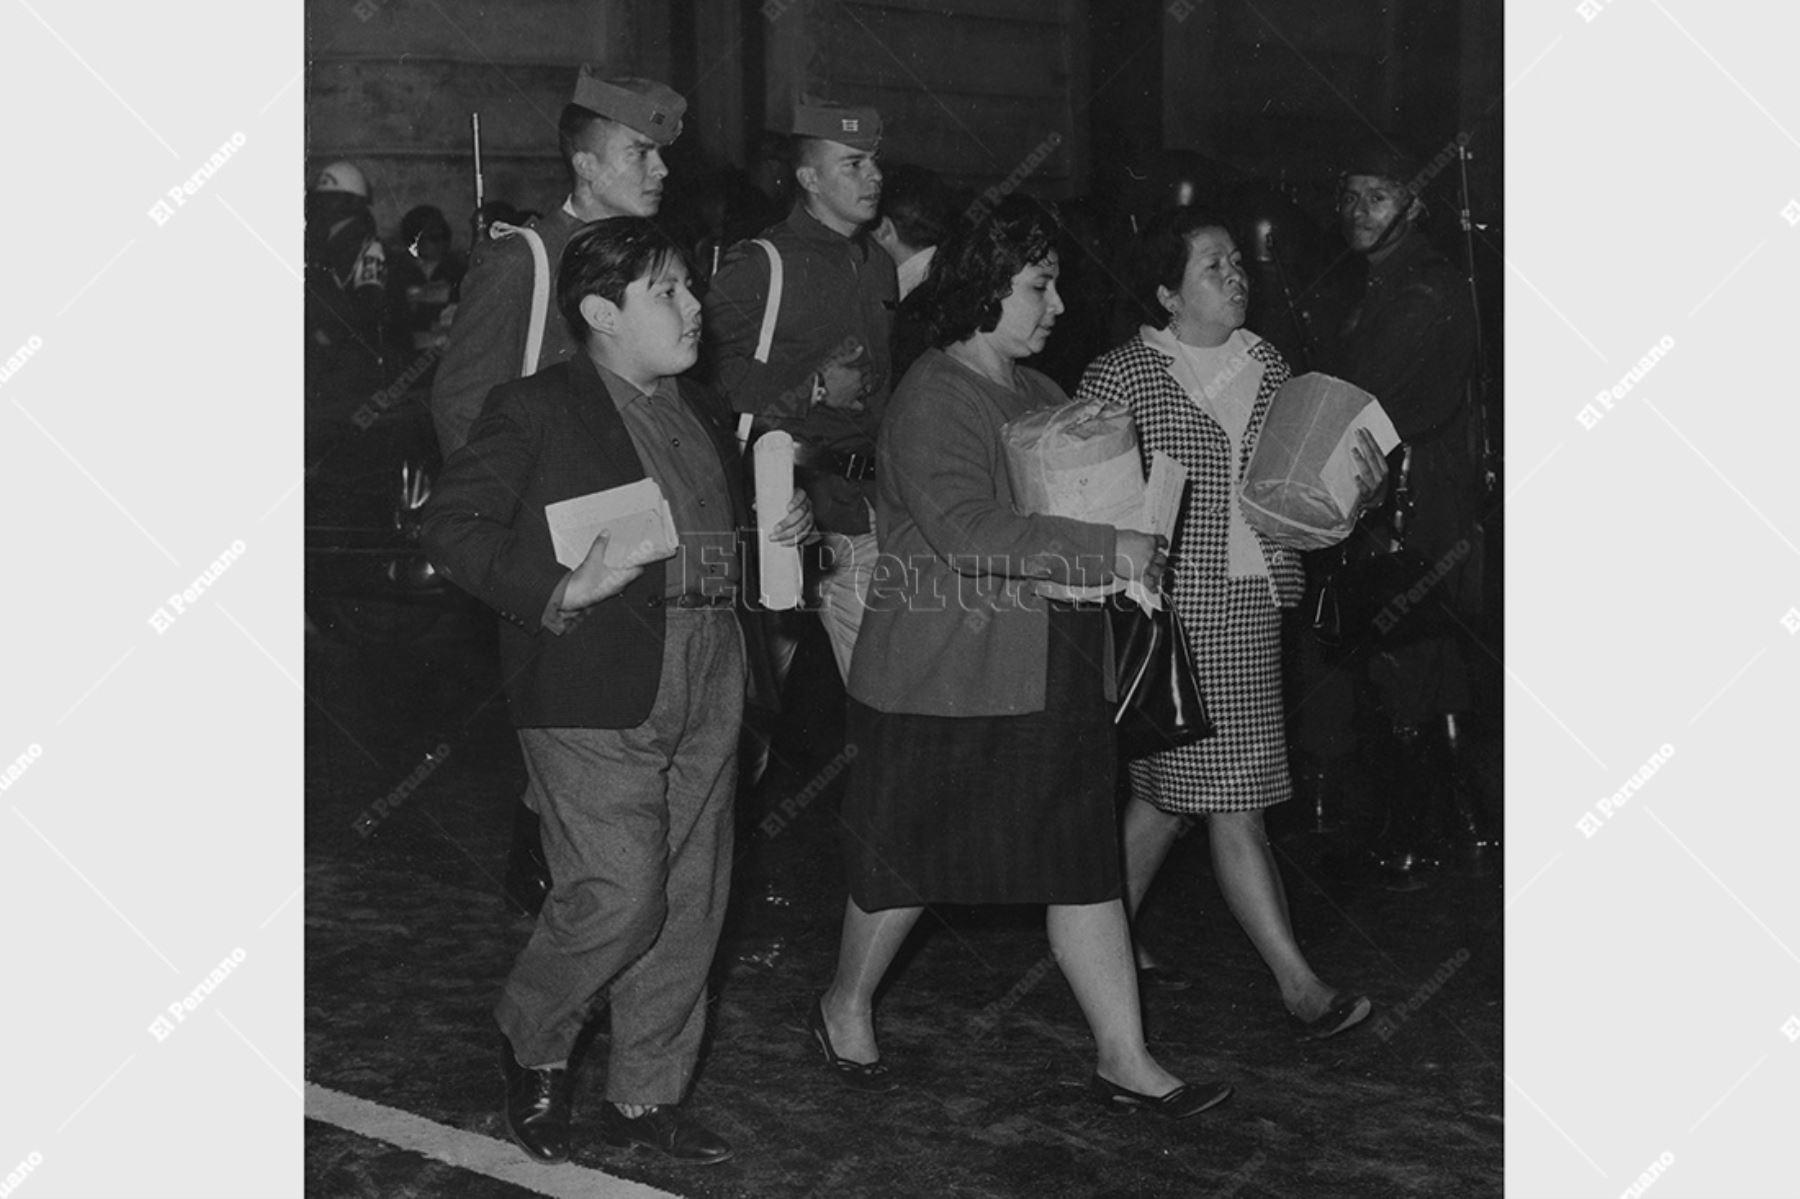 Lima - 12 noviembre 1967 / Dos mujeres escotadas por militares se aprestan entregar las ánforas de sus mesas de sufragio al Jurado Departamental de Elecciones al concluir las elecciones por una diputación en Lima. Foto: Archivo Histórico de El Peruano